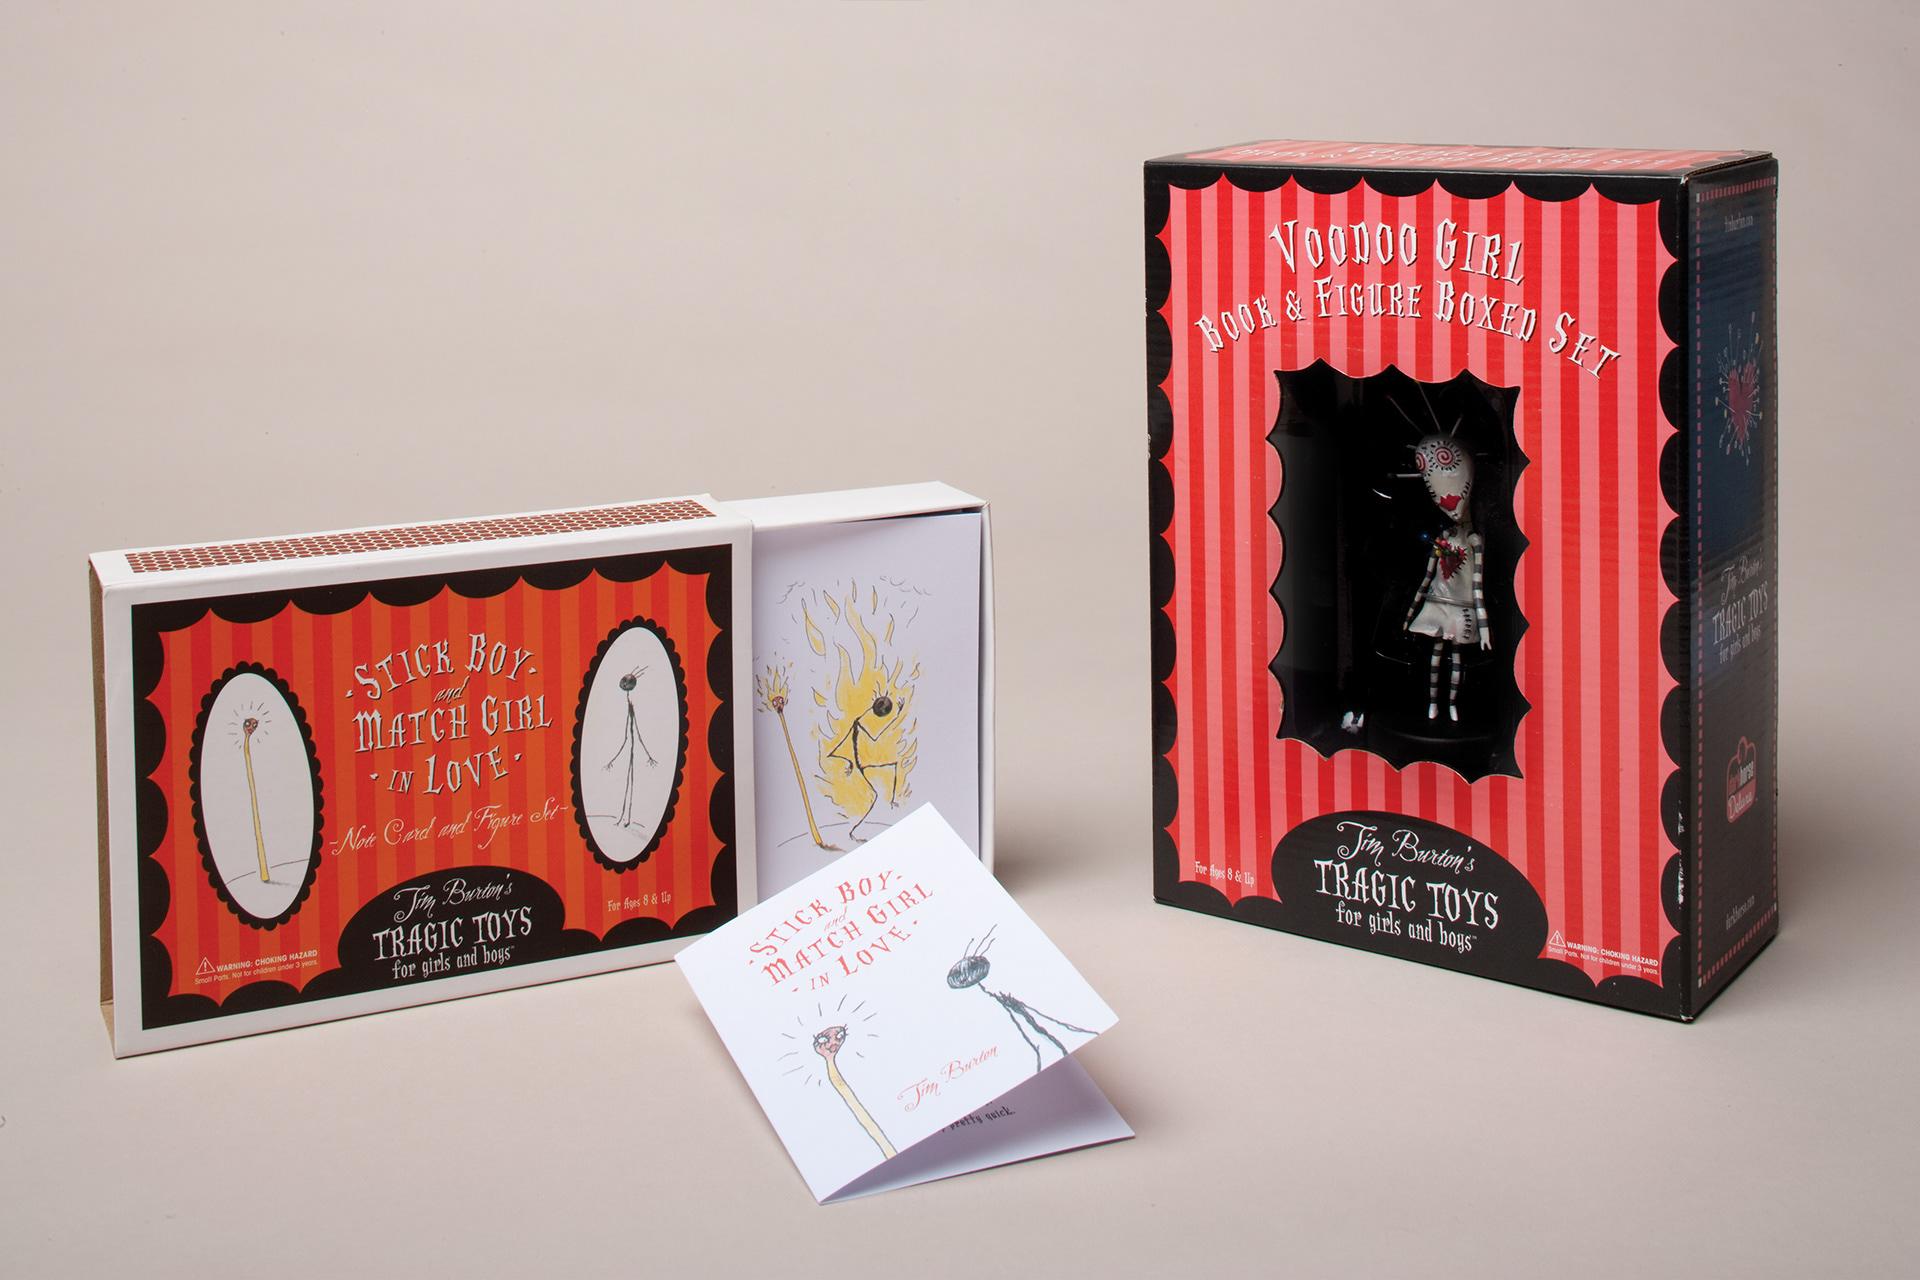 Lani Schreibstein Visual Designer Tim Burton s Tragic Toys for